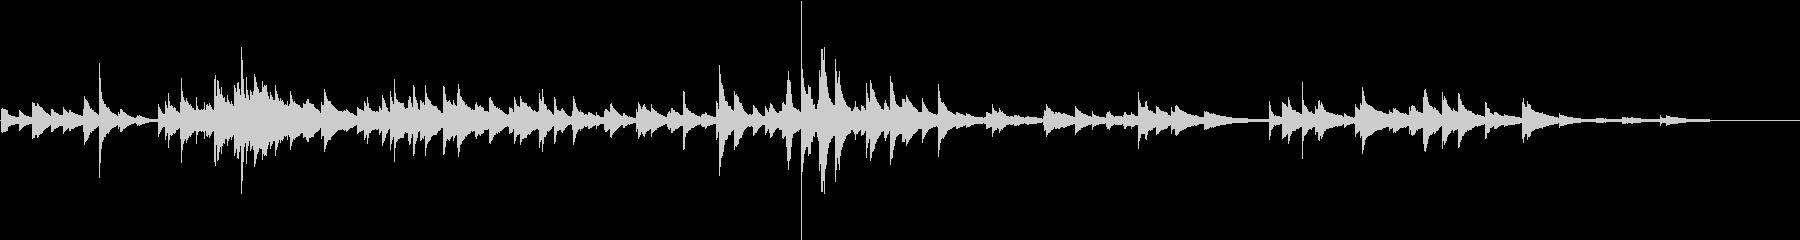 シャララーン楽器っぽい金属性の飾り物の音の未再生の波形